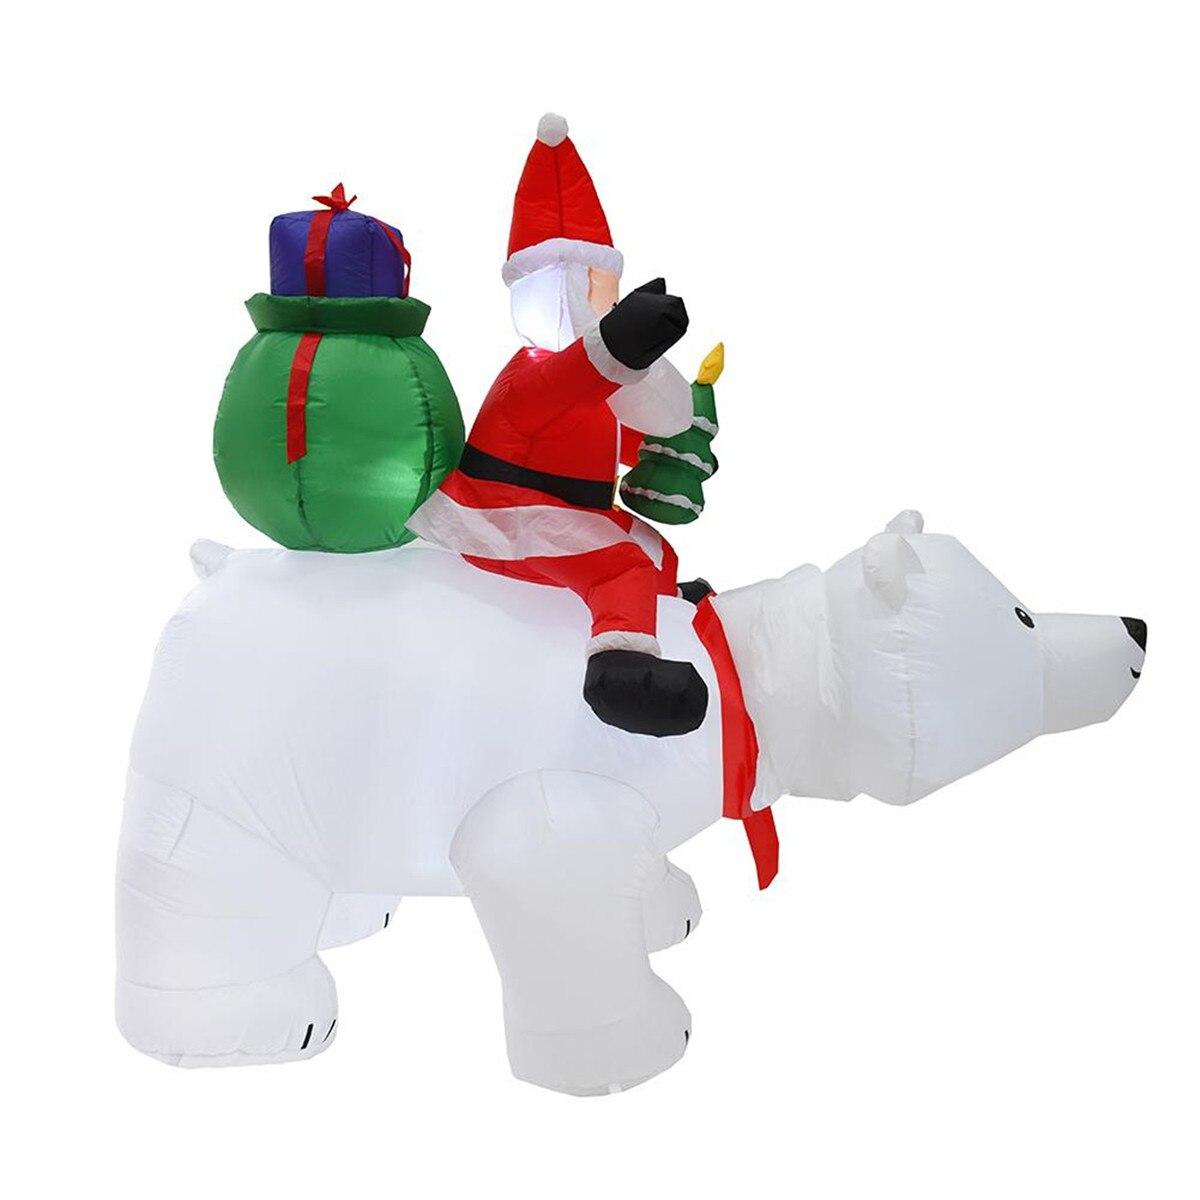 Gigantische Opblaasbare Kerstman Rijden Ijsbeer Kerst Opblaasbare Hoofd Schudden Pop Indoor Outdoor Tuin Ornamenten Xmas Decor